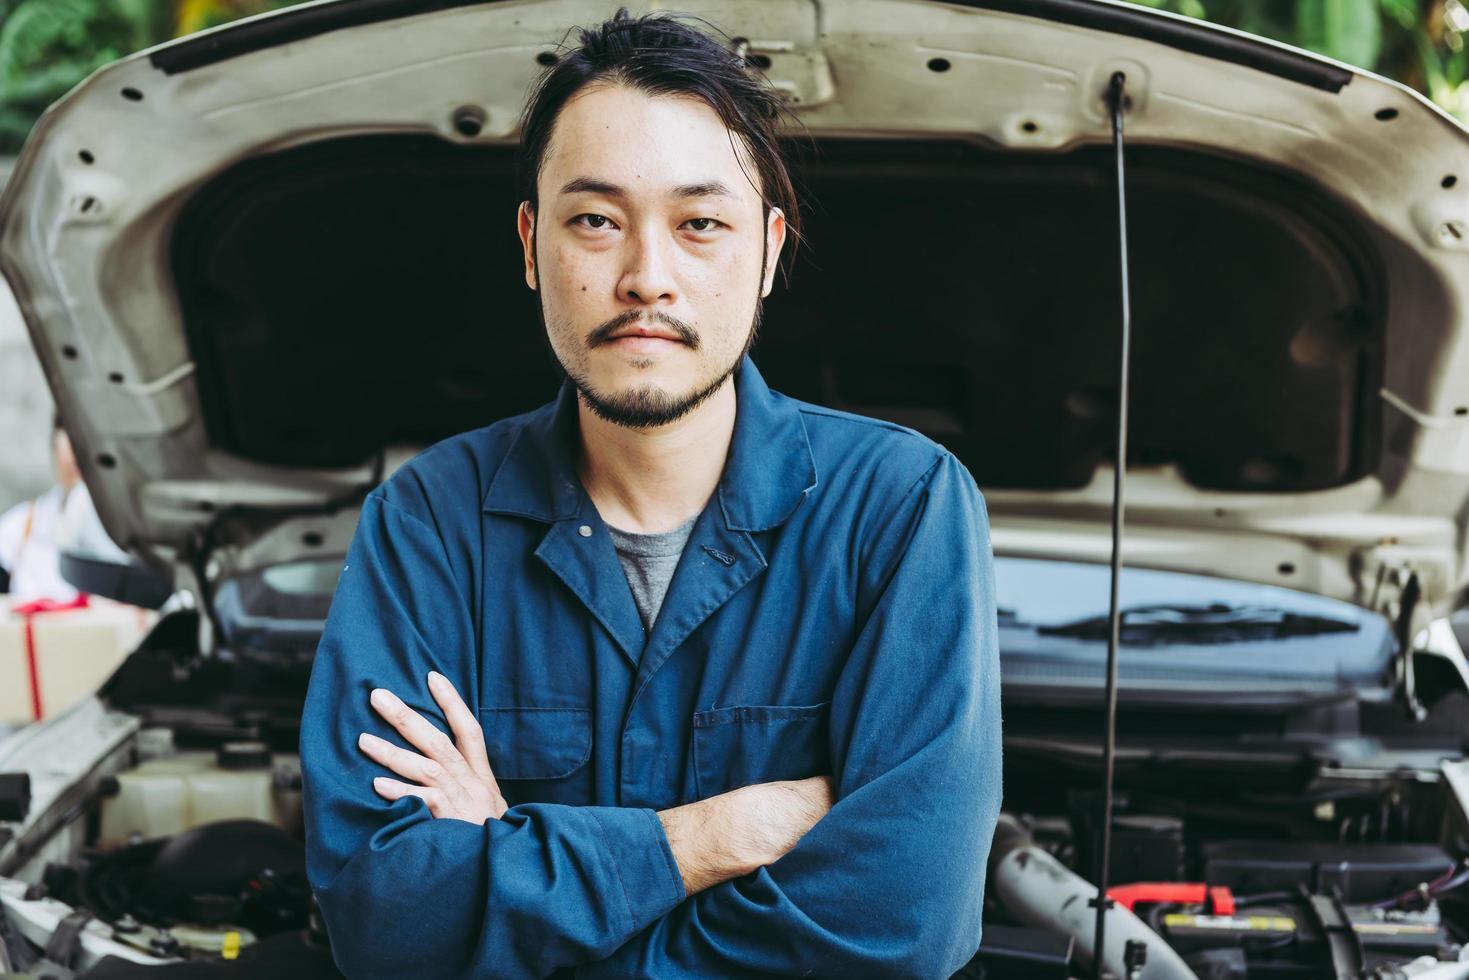 retrato mecânico de automóveis foto